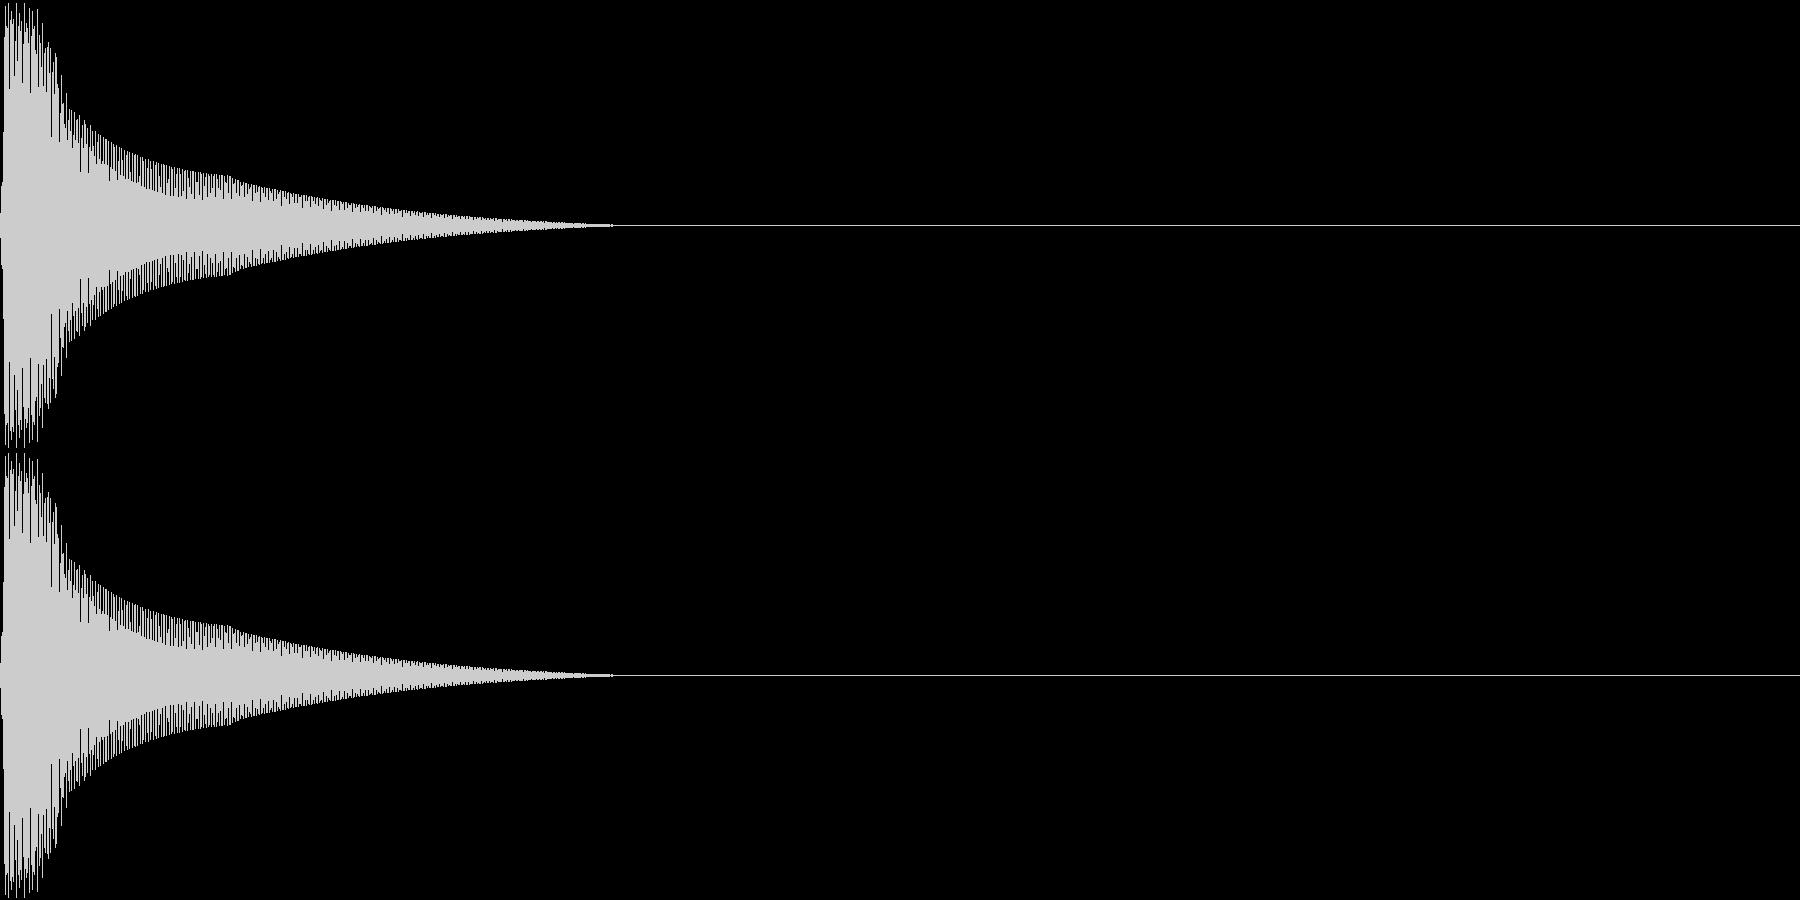 PureTouch アプリ用タッチ音 6の未再生の波形